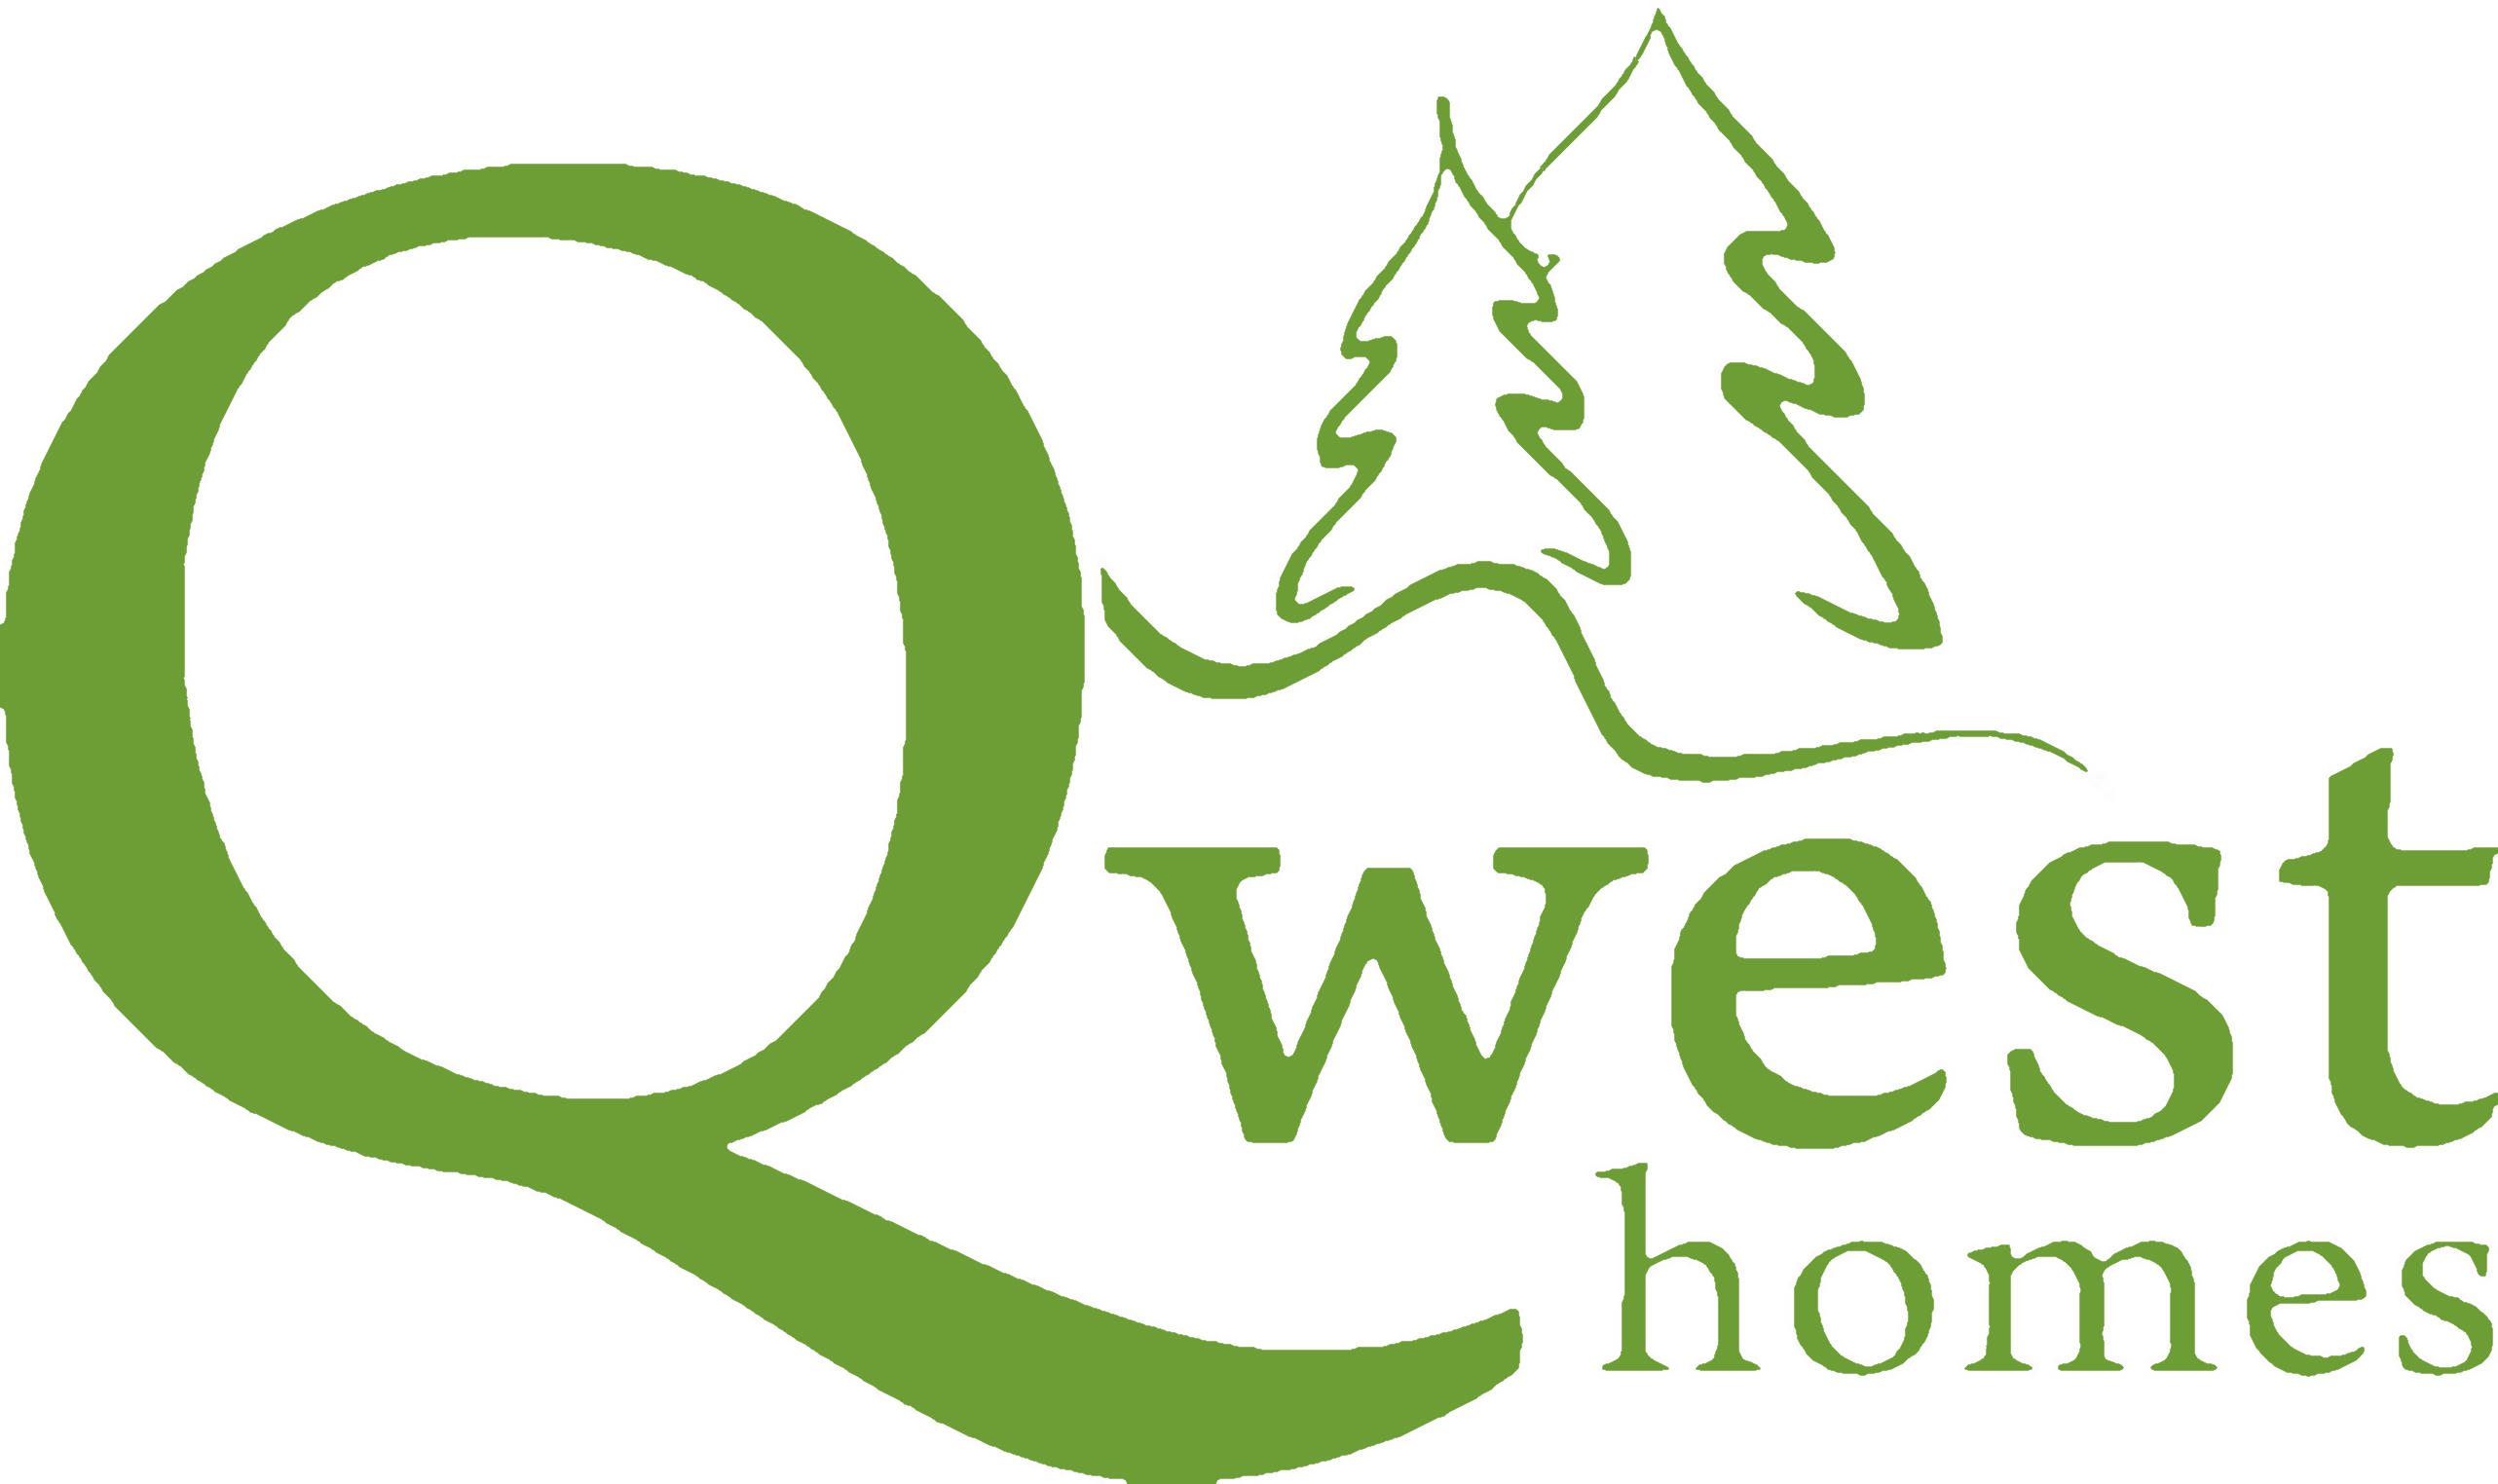 QWEST Homes